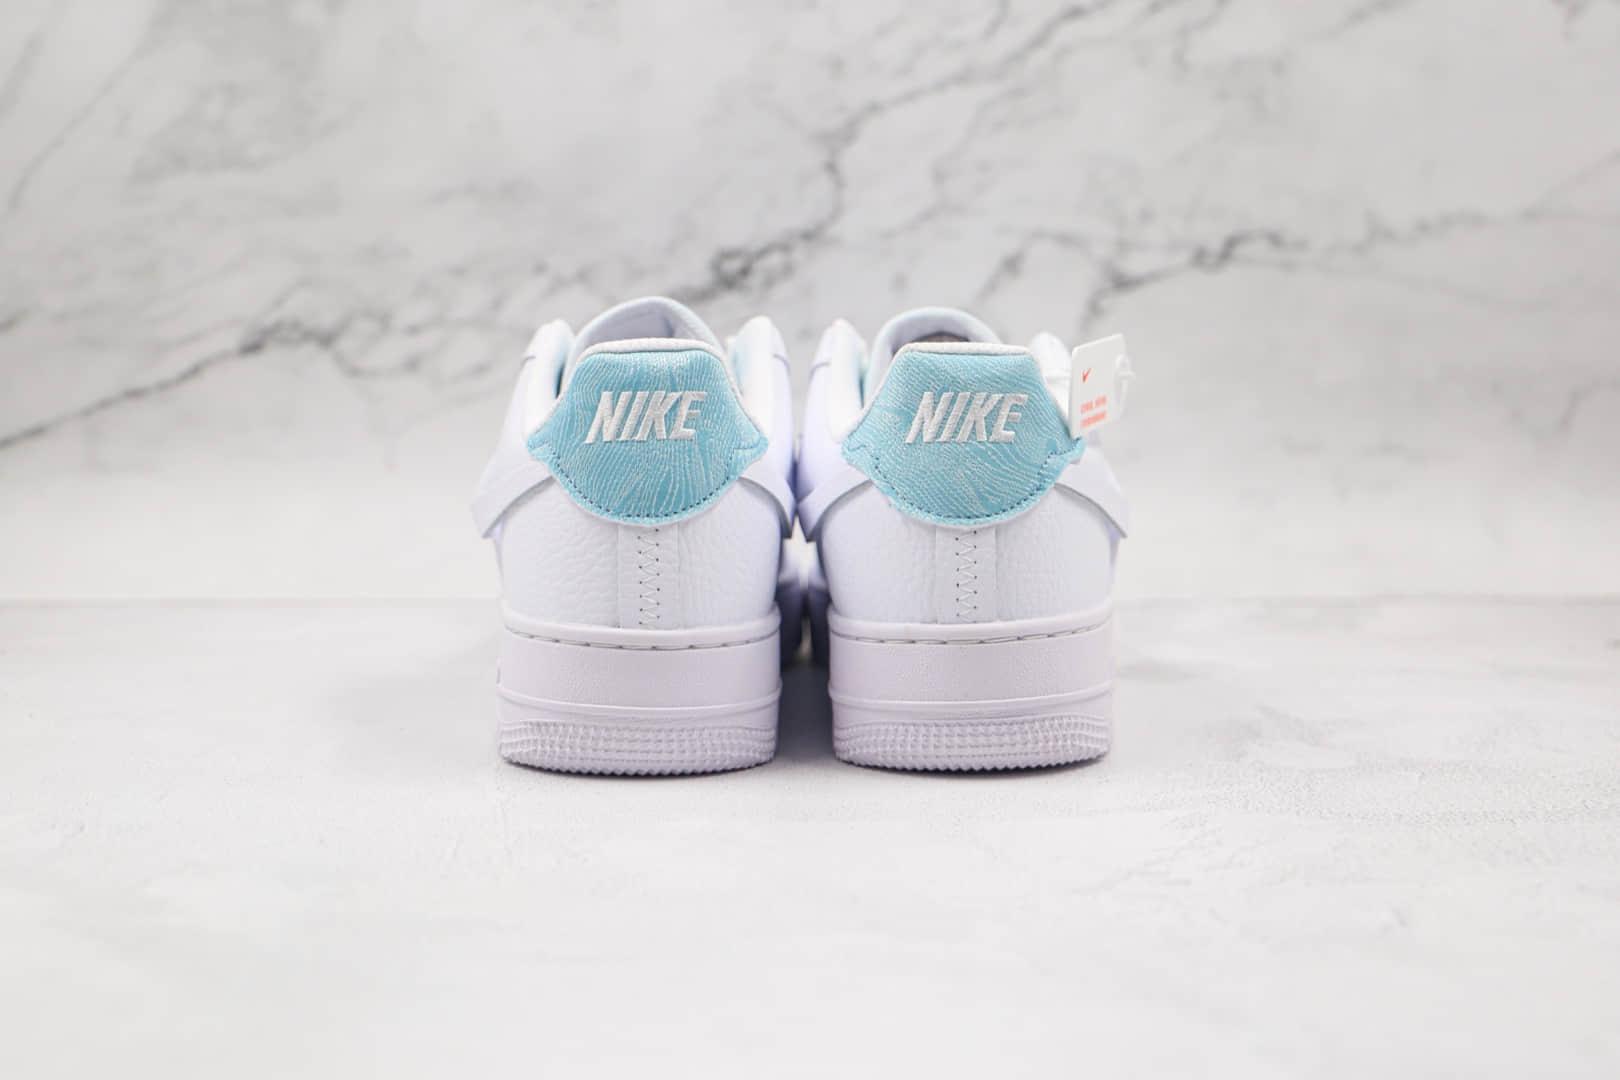 耐克Nike AIR FMRCE 1纯原版本低帮空军一号白蓝色断钩板鞋内置气垫 货号:DJ9880-400